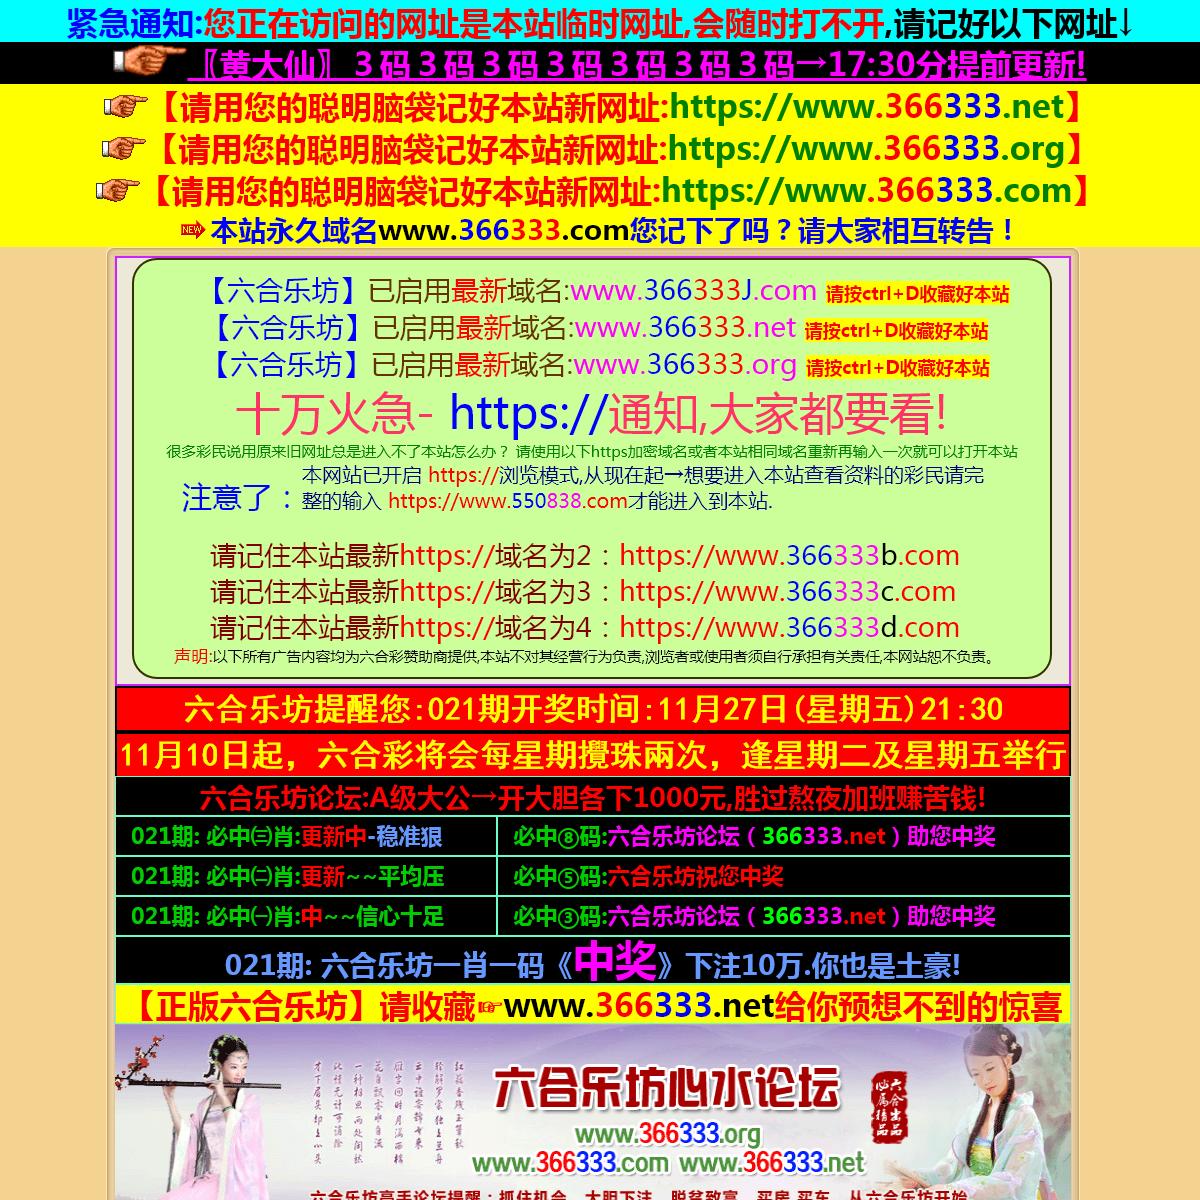 香港最快开奖现场直播,香港挂牌记录,香港马会开奖资料挂牌,香港挂牌玄机